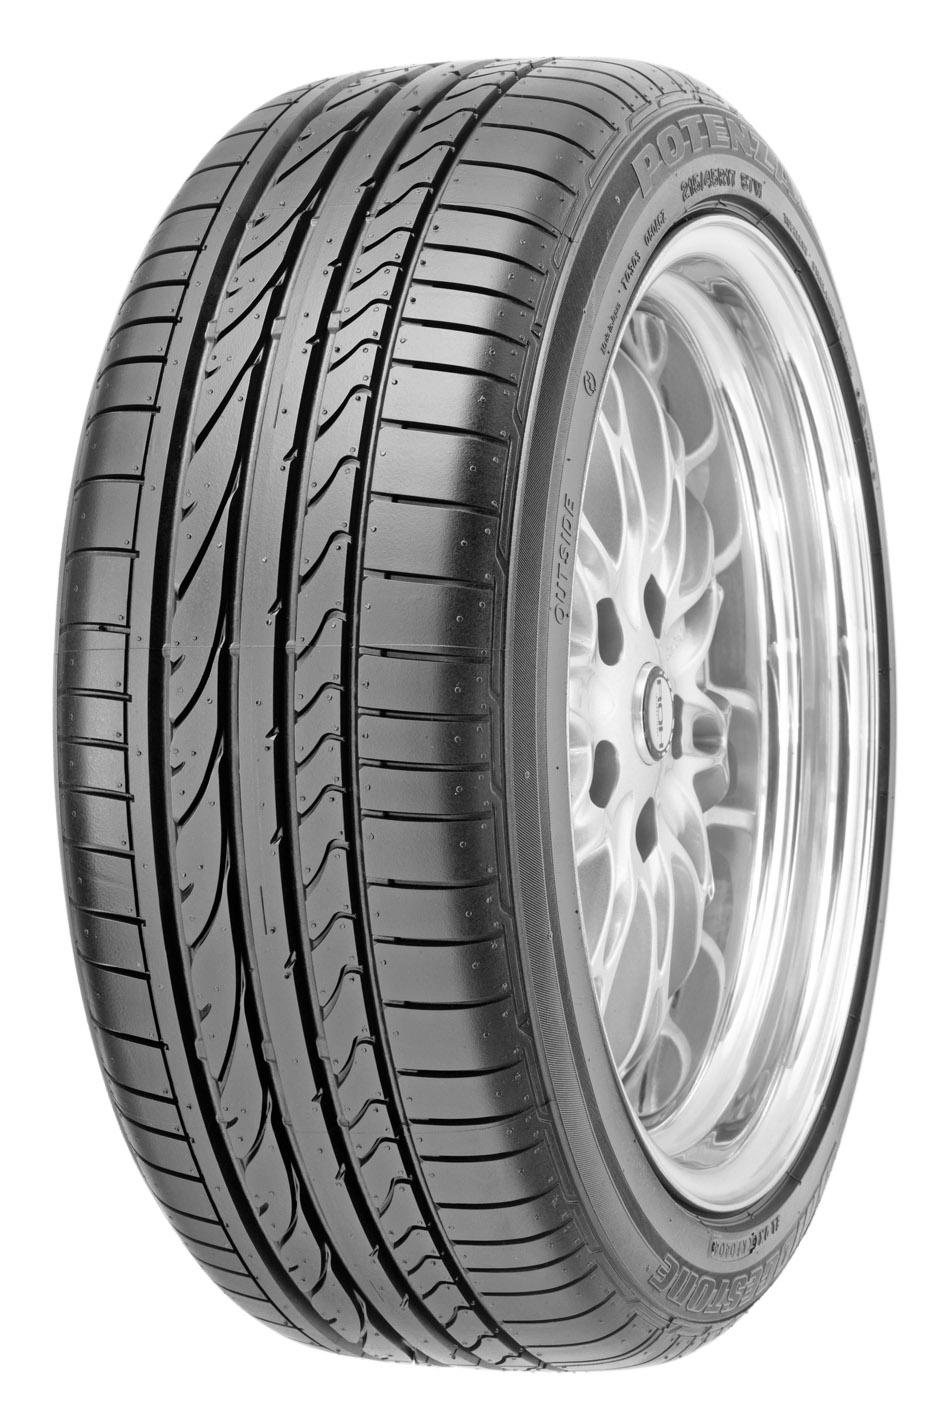 215/45R18 93Y, Bridgestone, RE050A